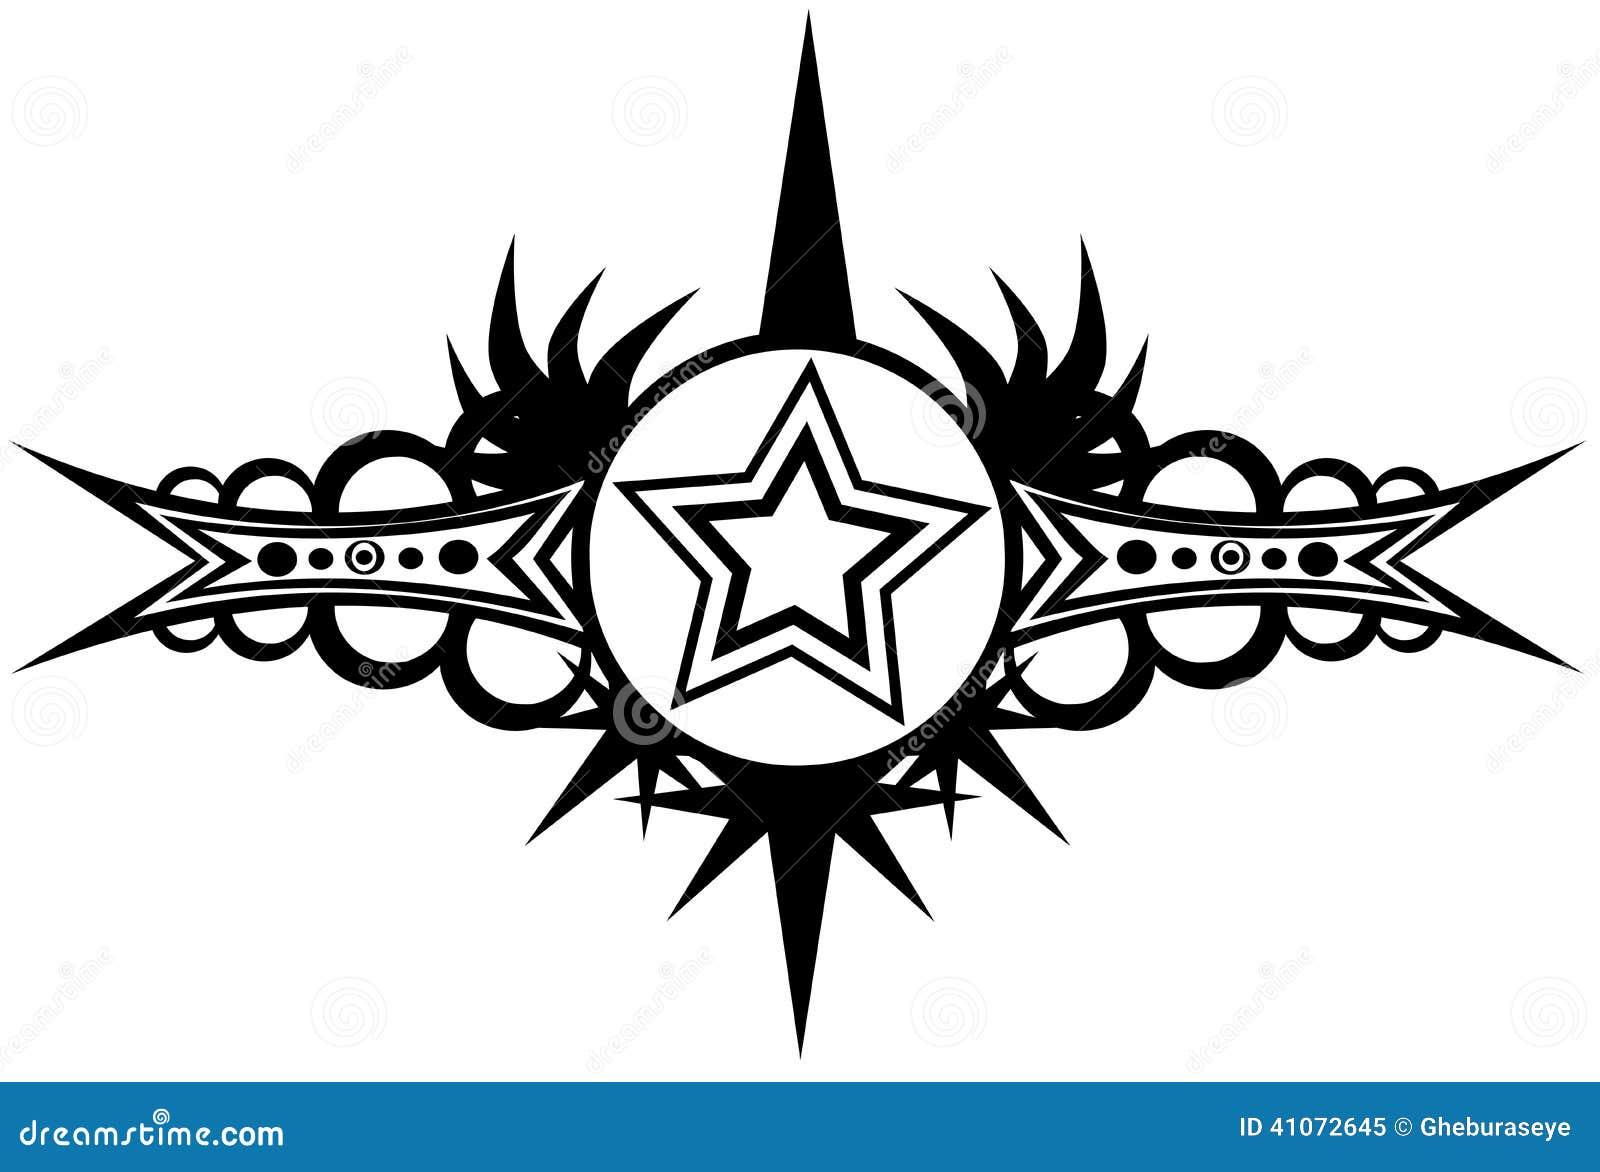 Tatuaje De La Estrella En Blanco Y Negro Stock De Ilustración